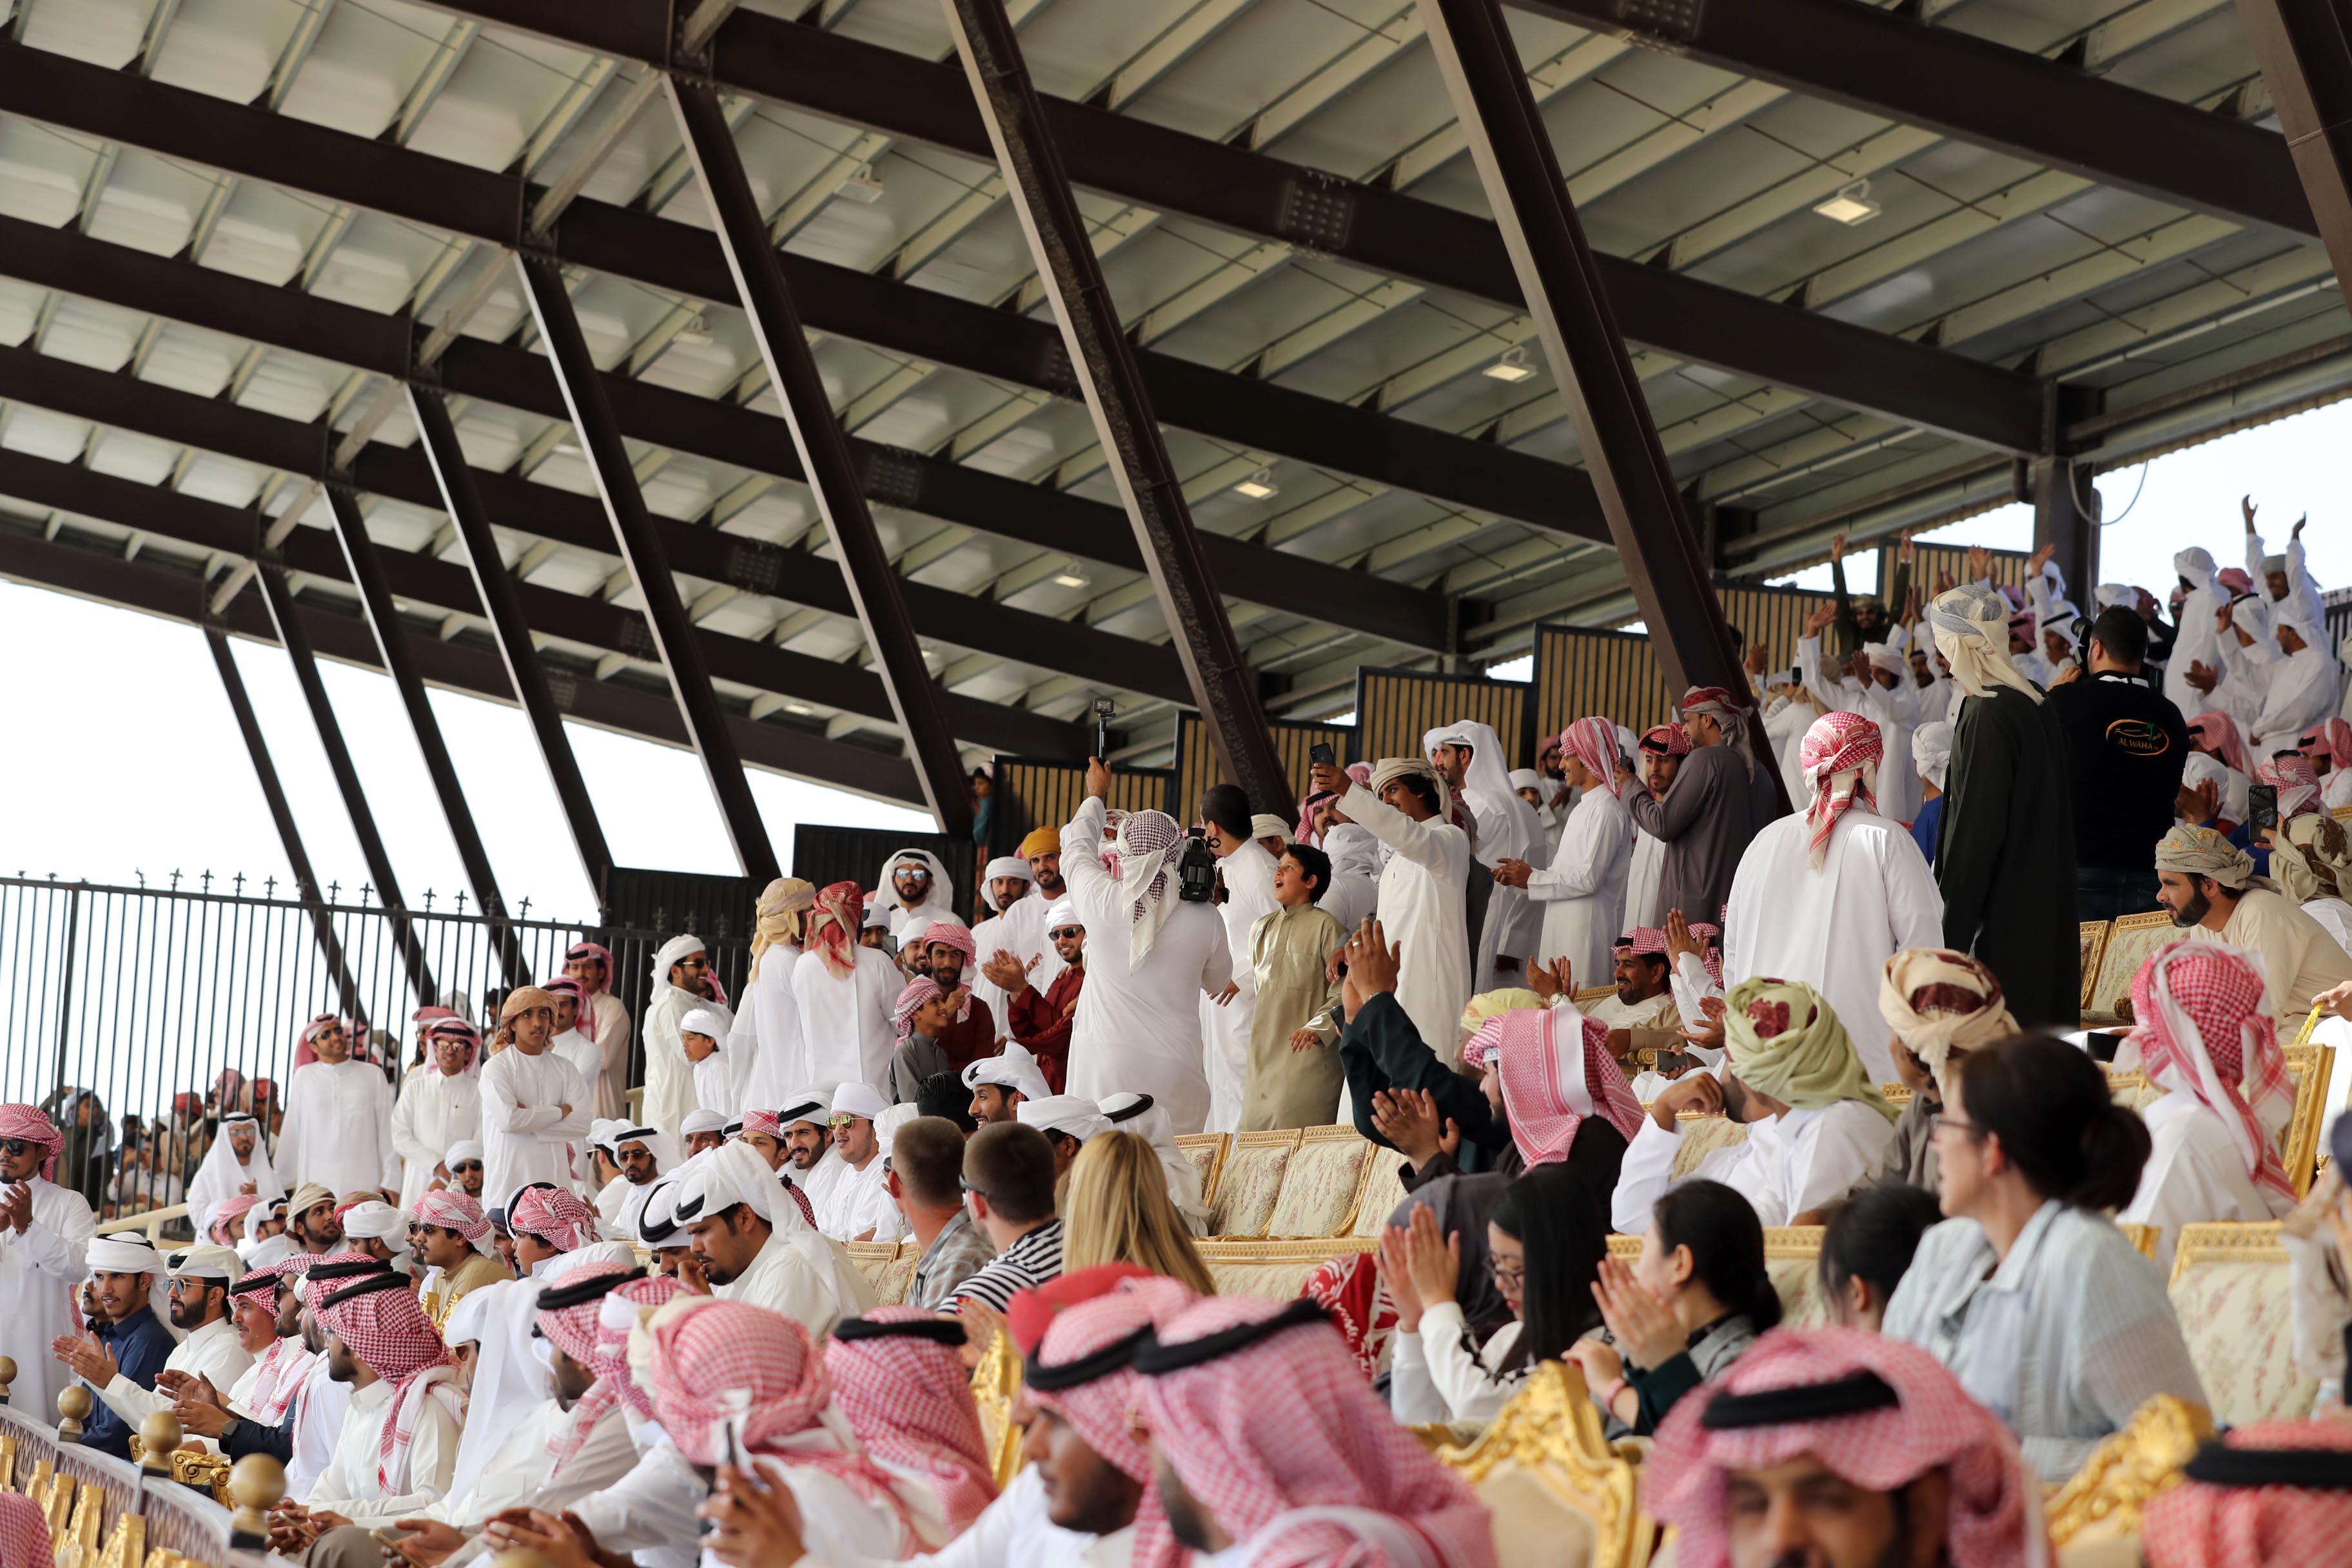 مهرجان الظفرة يواصل فعالياته الفنية والتراثية الشيقة